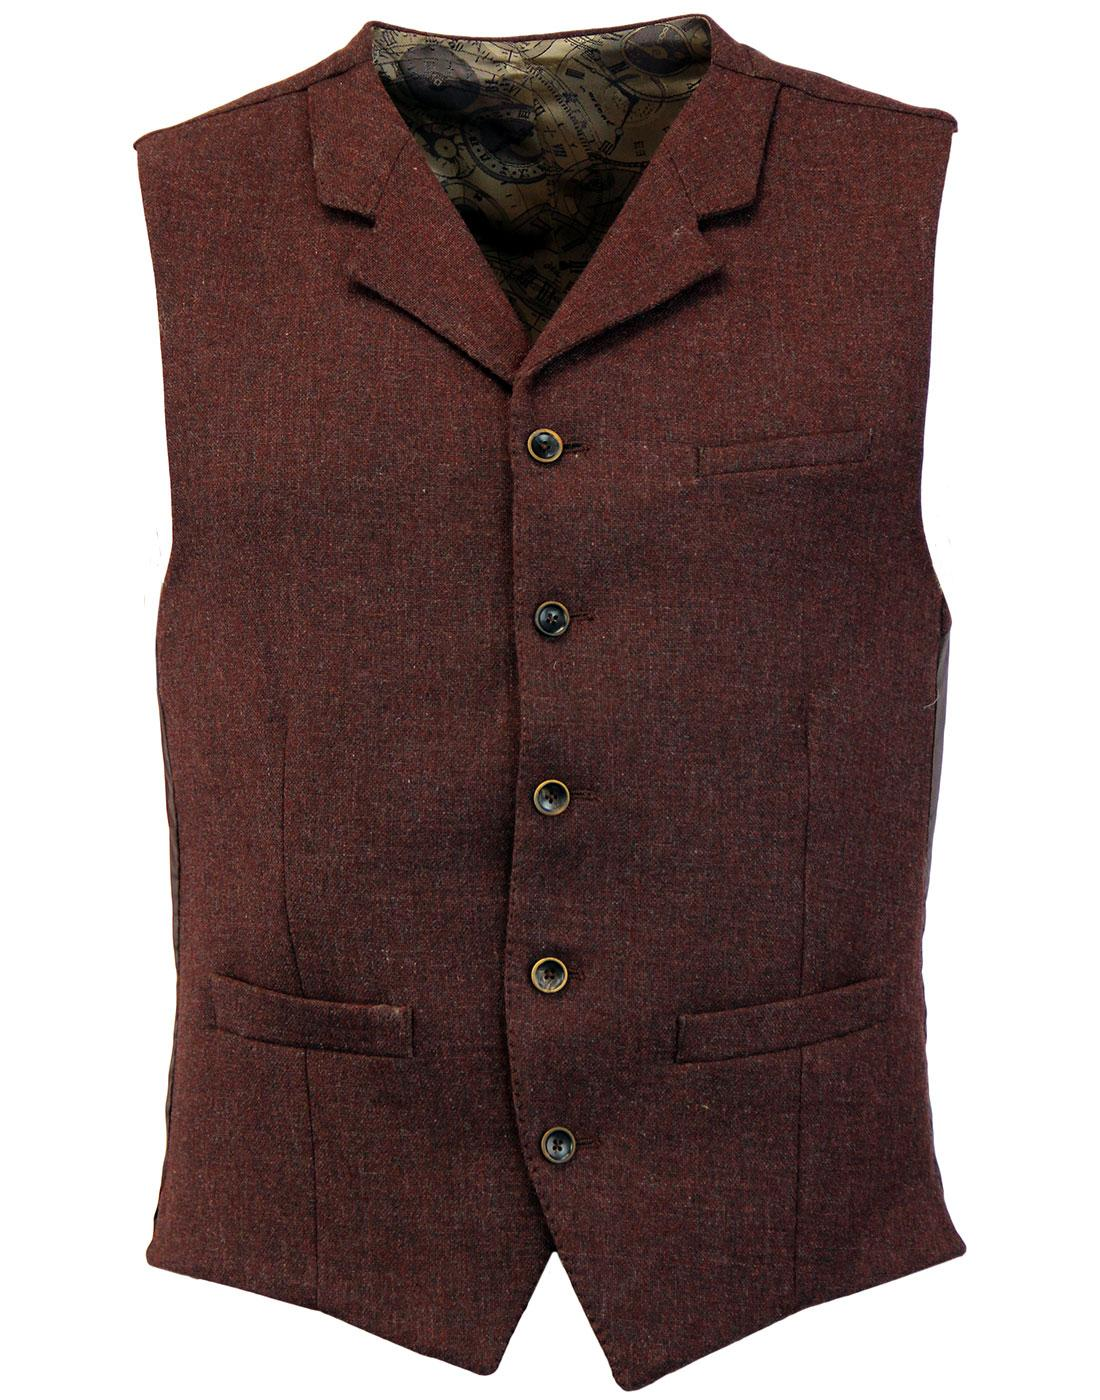 Tyburn GIBSON LONDON 60s Mod Rust Tweed Waistcoat